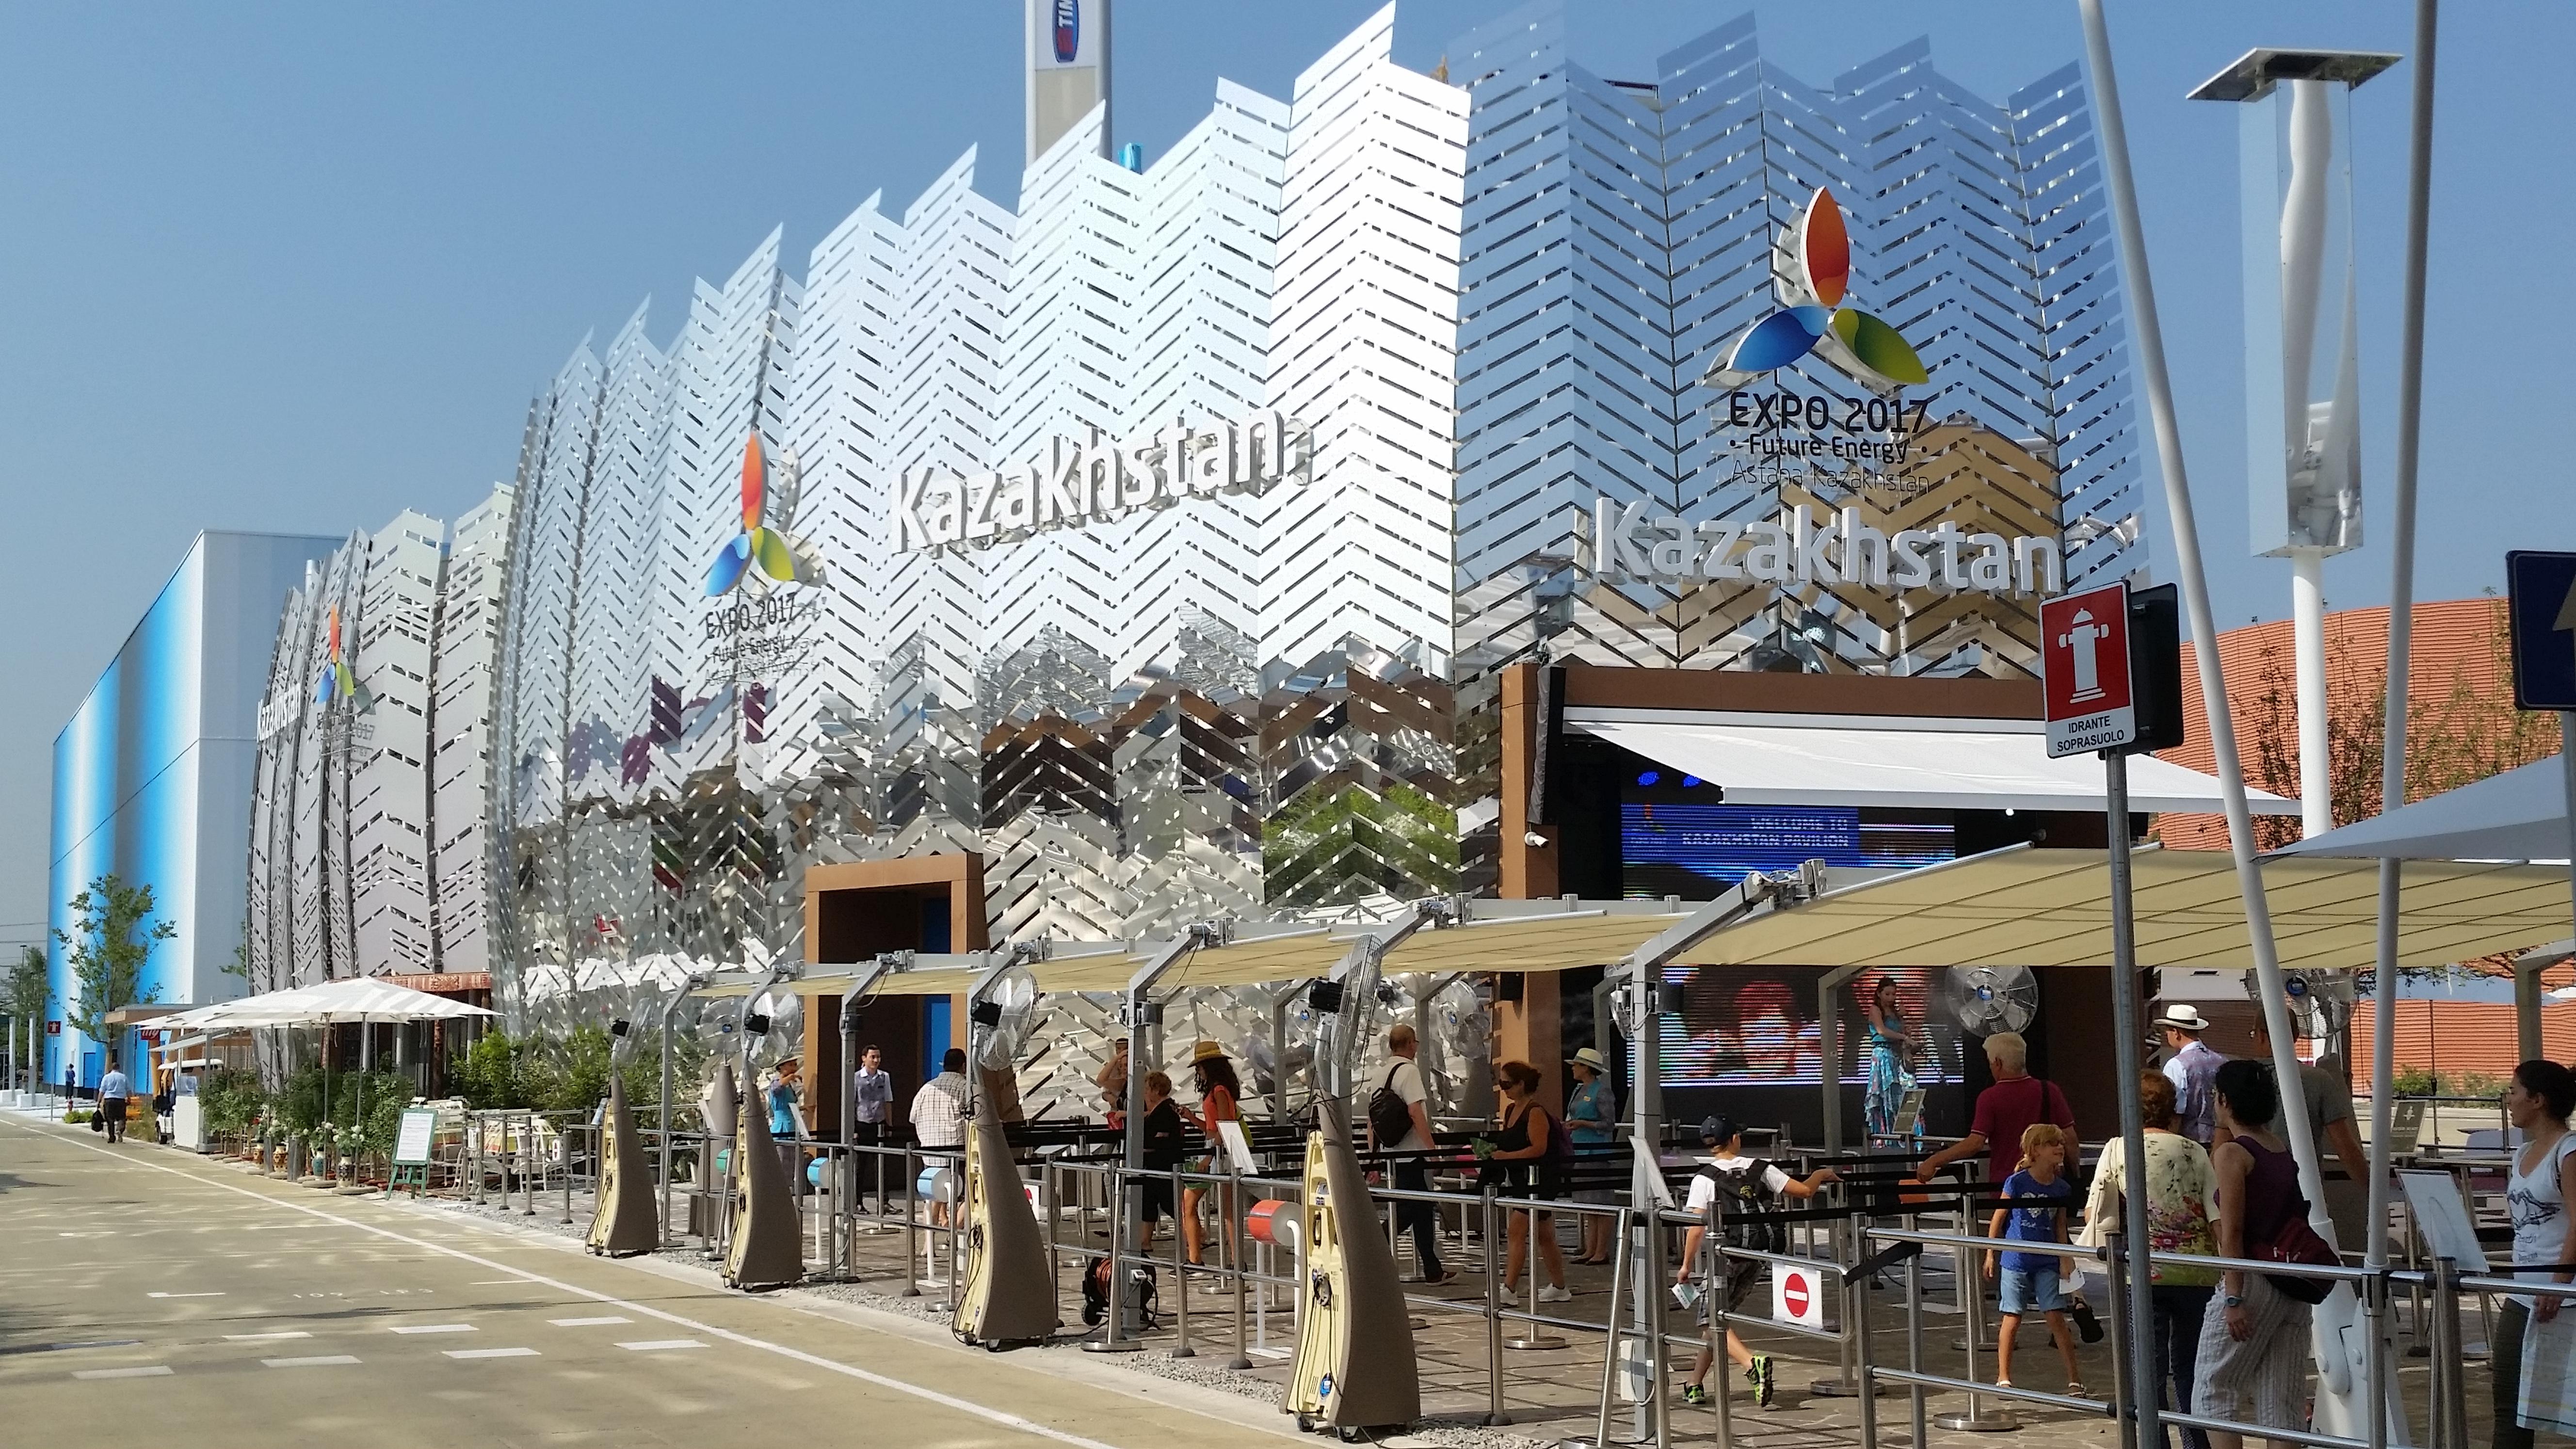 Expo_Milano_2015_-_Kazakhstan